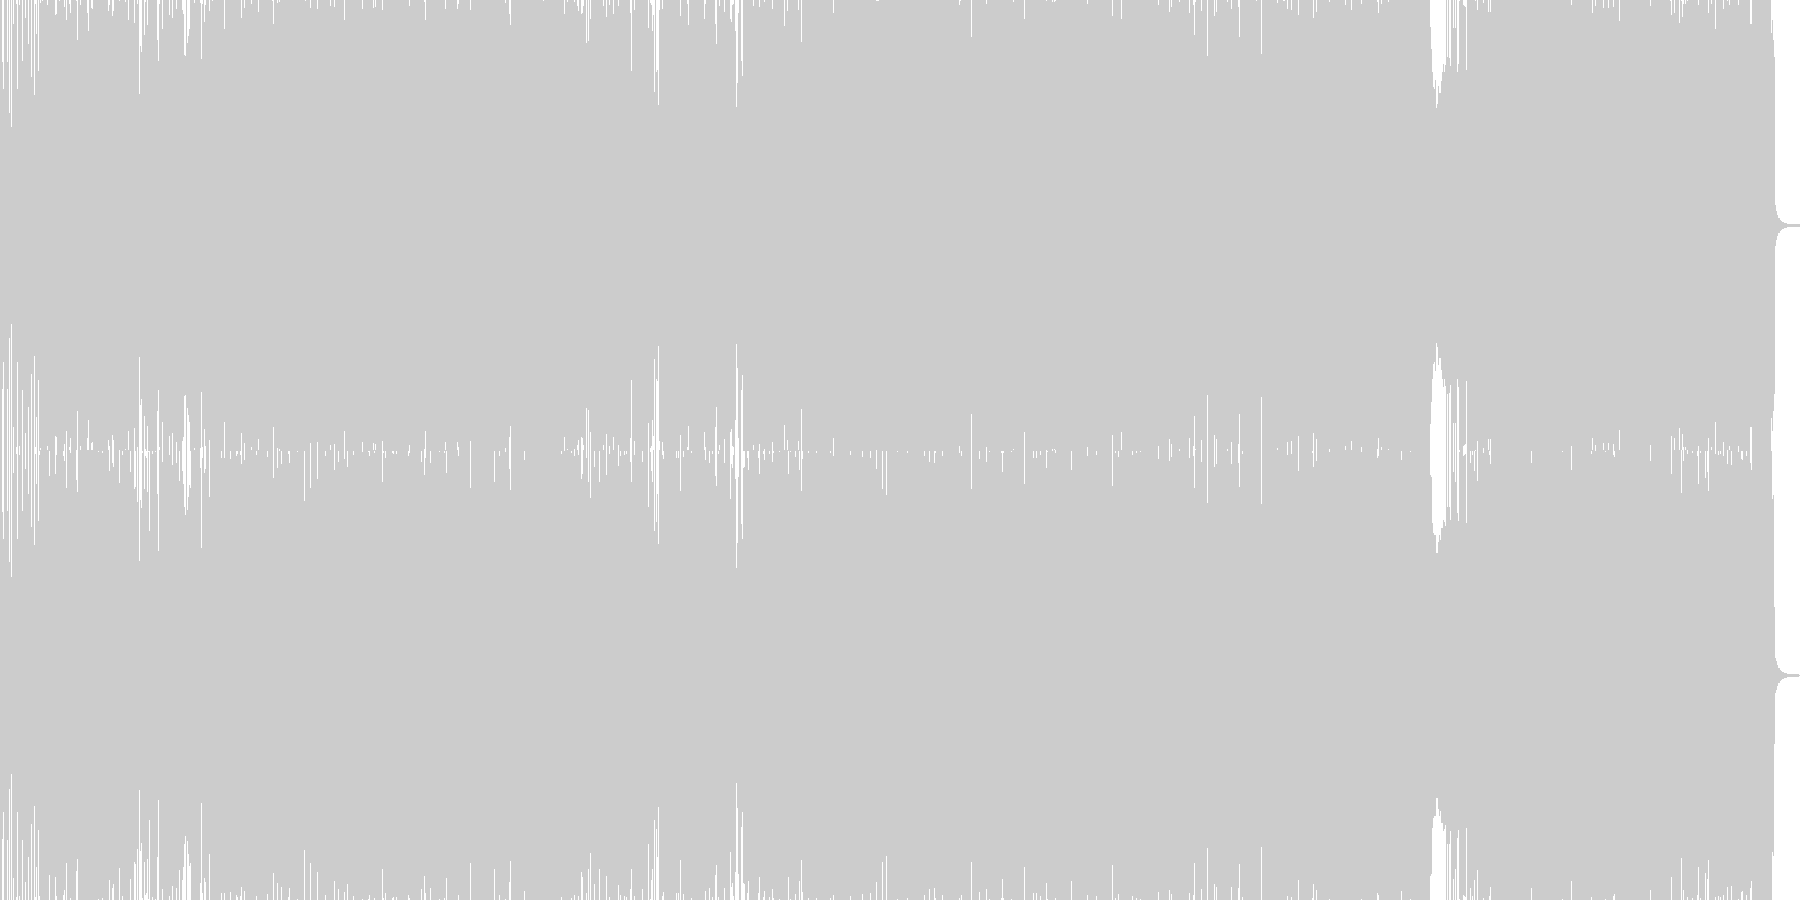 勢いのあるハードロックの未再生の波形